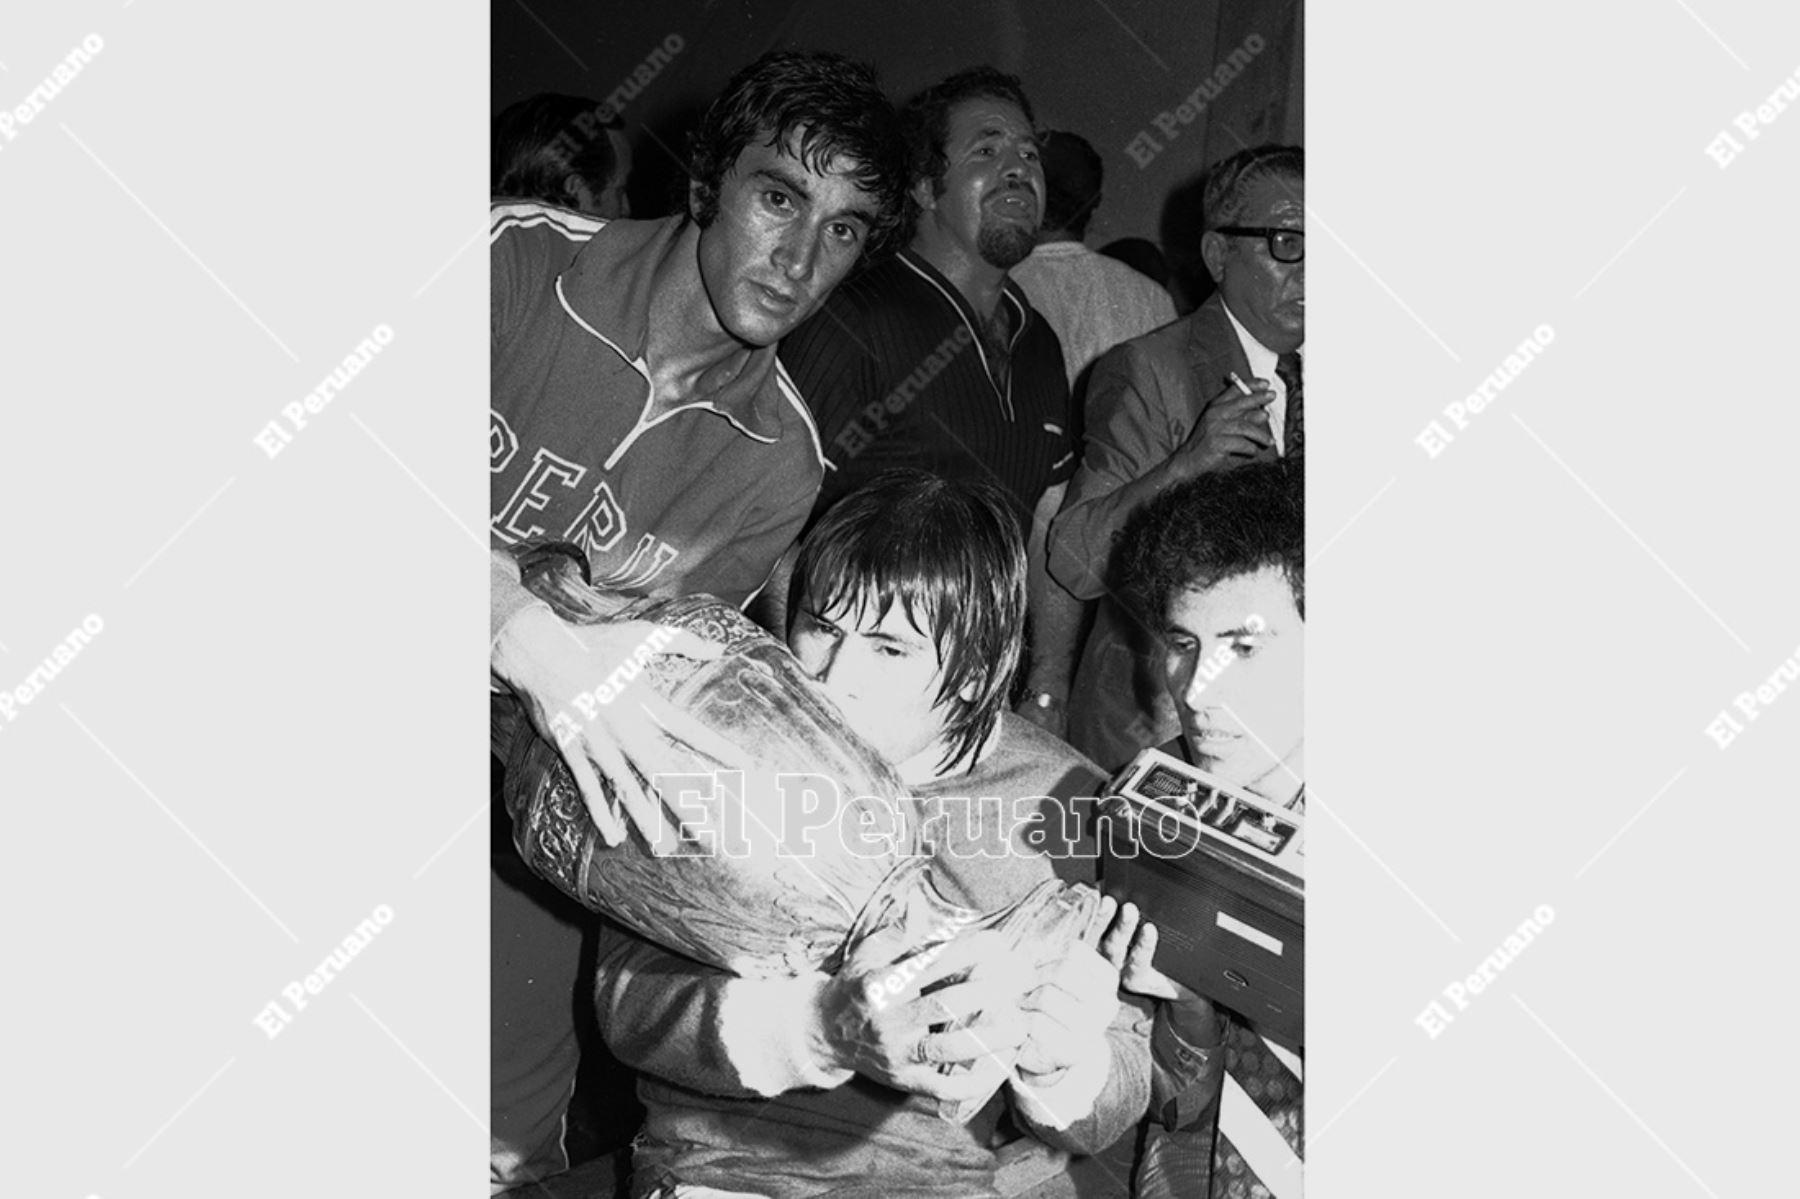 Caracas, Venezuela - 28 octubre 1975. Hugo Sotil besa la Copa América que la selección peruana ganó por segunda vez. Perú se coronó campeón sudamericano de fútbol al vencer 1-0 a Colombia. Foto: Archivo Histórico de El Peruano / Raúl Sagástegui